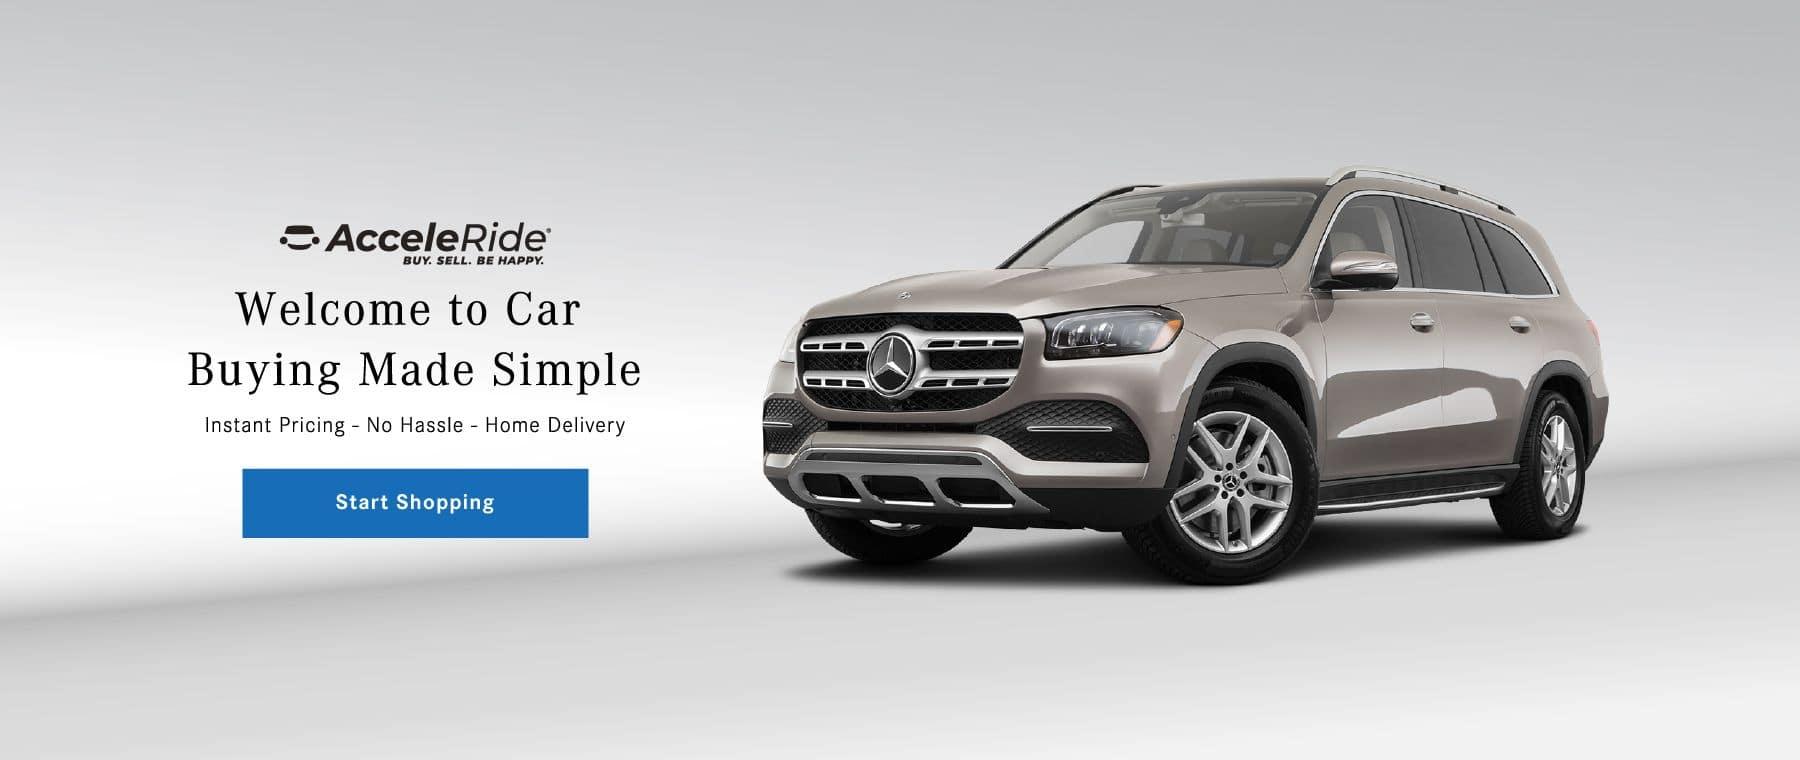 acceleride homepage